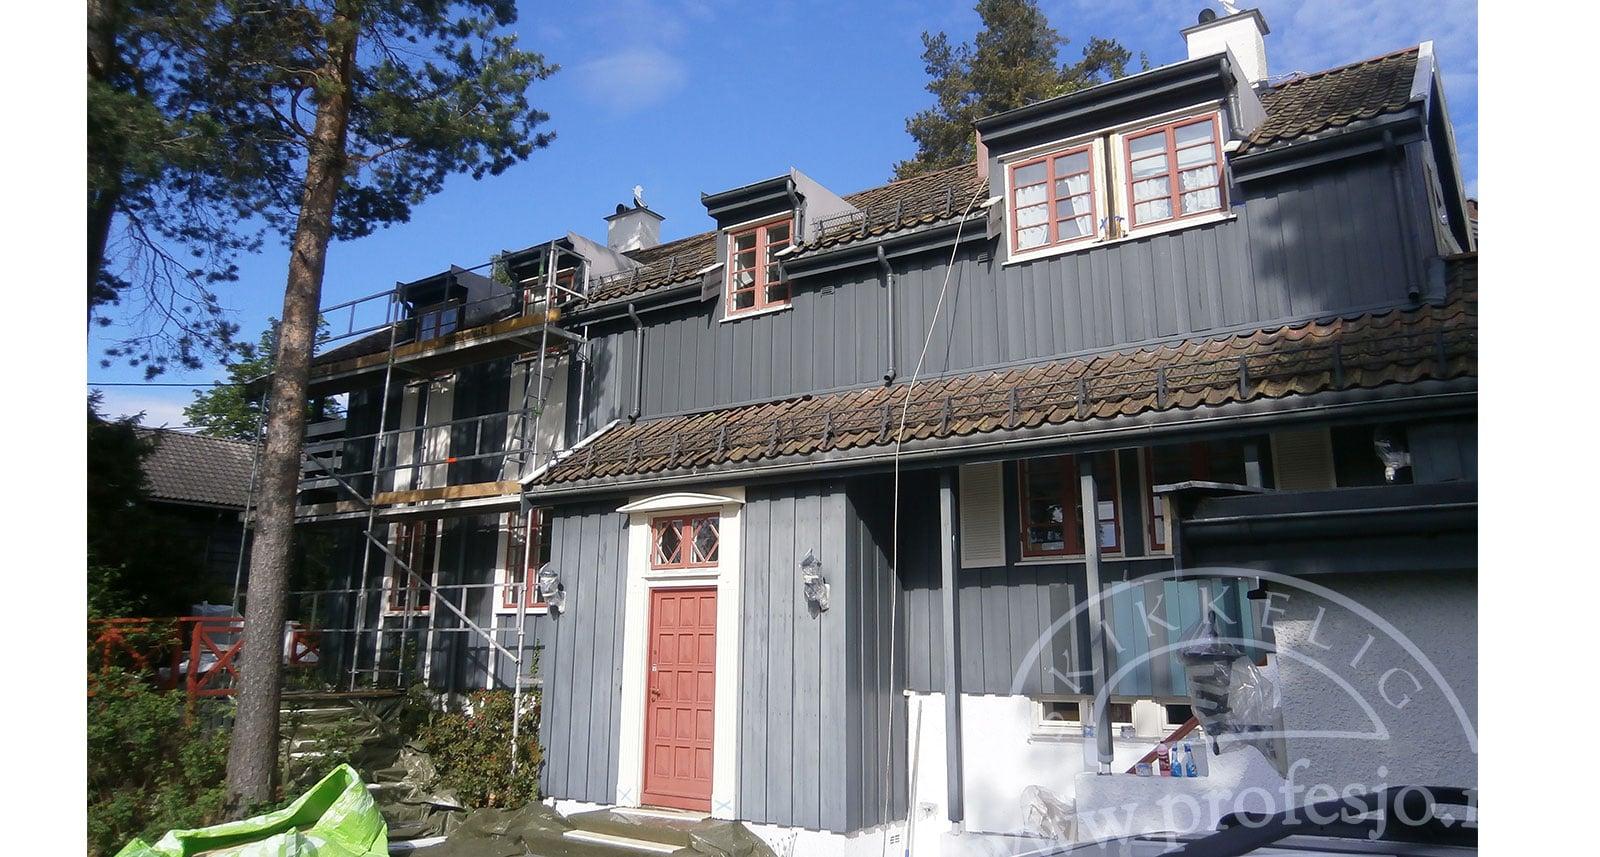 pris måling av hus